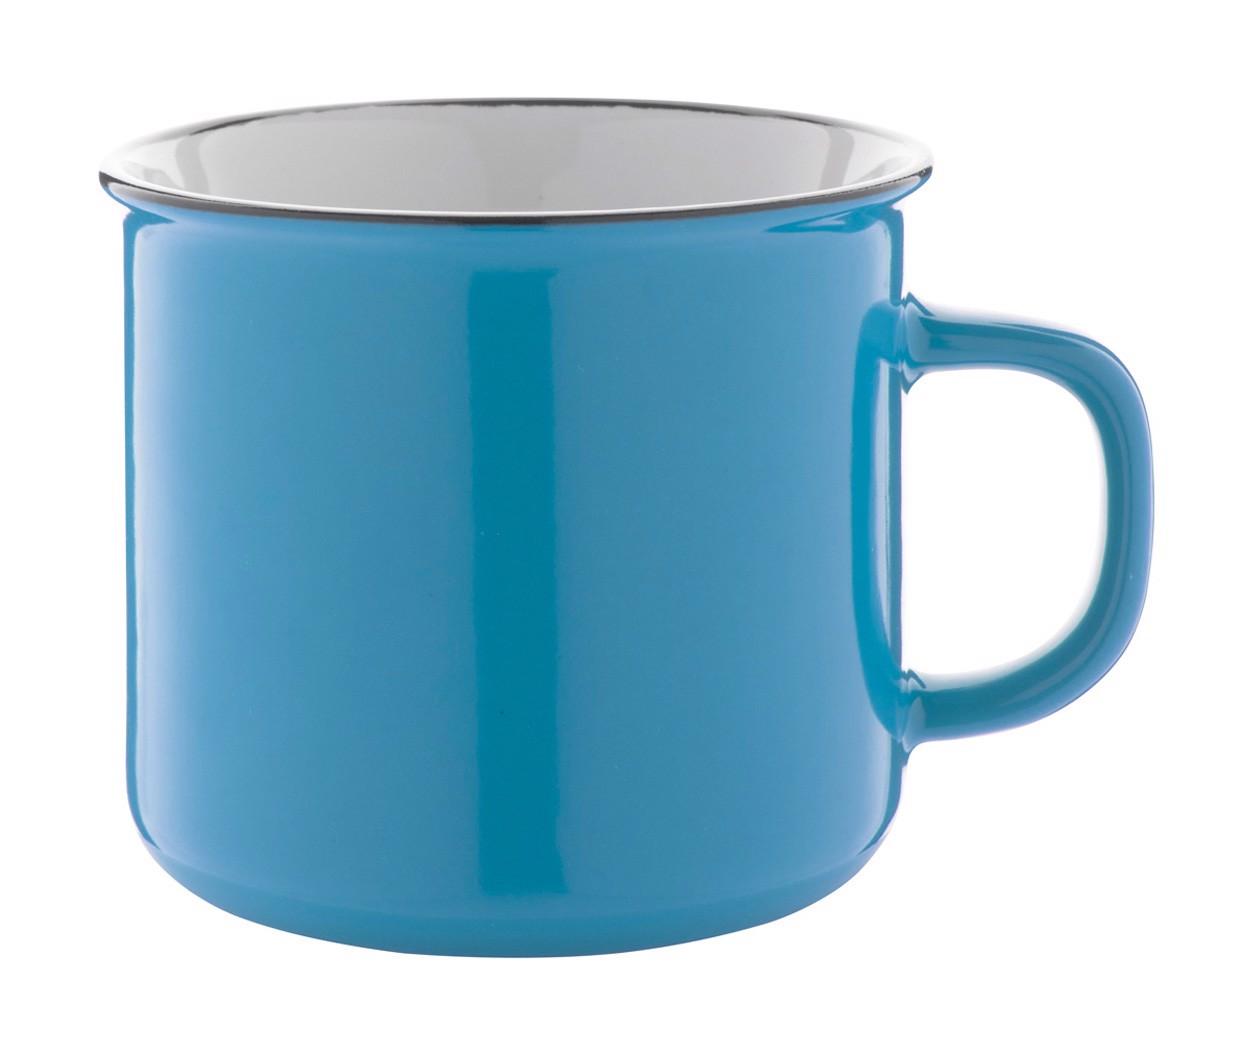 Vintage Mug Woodstock - Light Blue